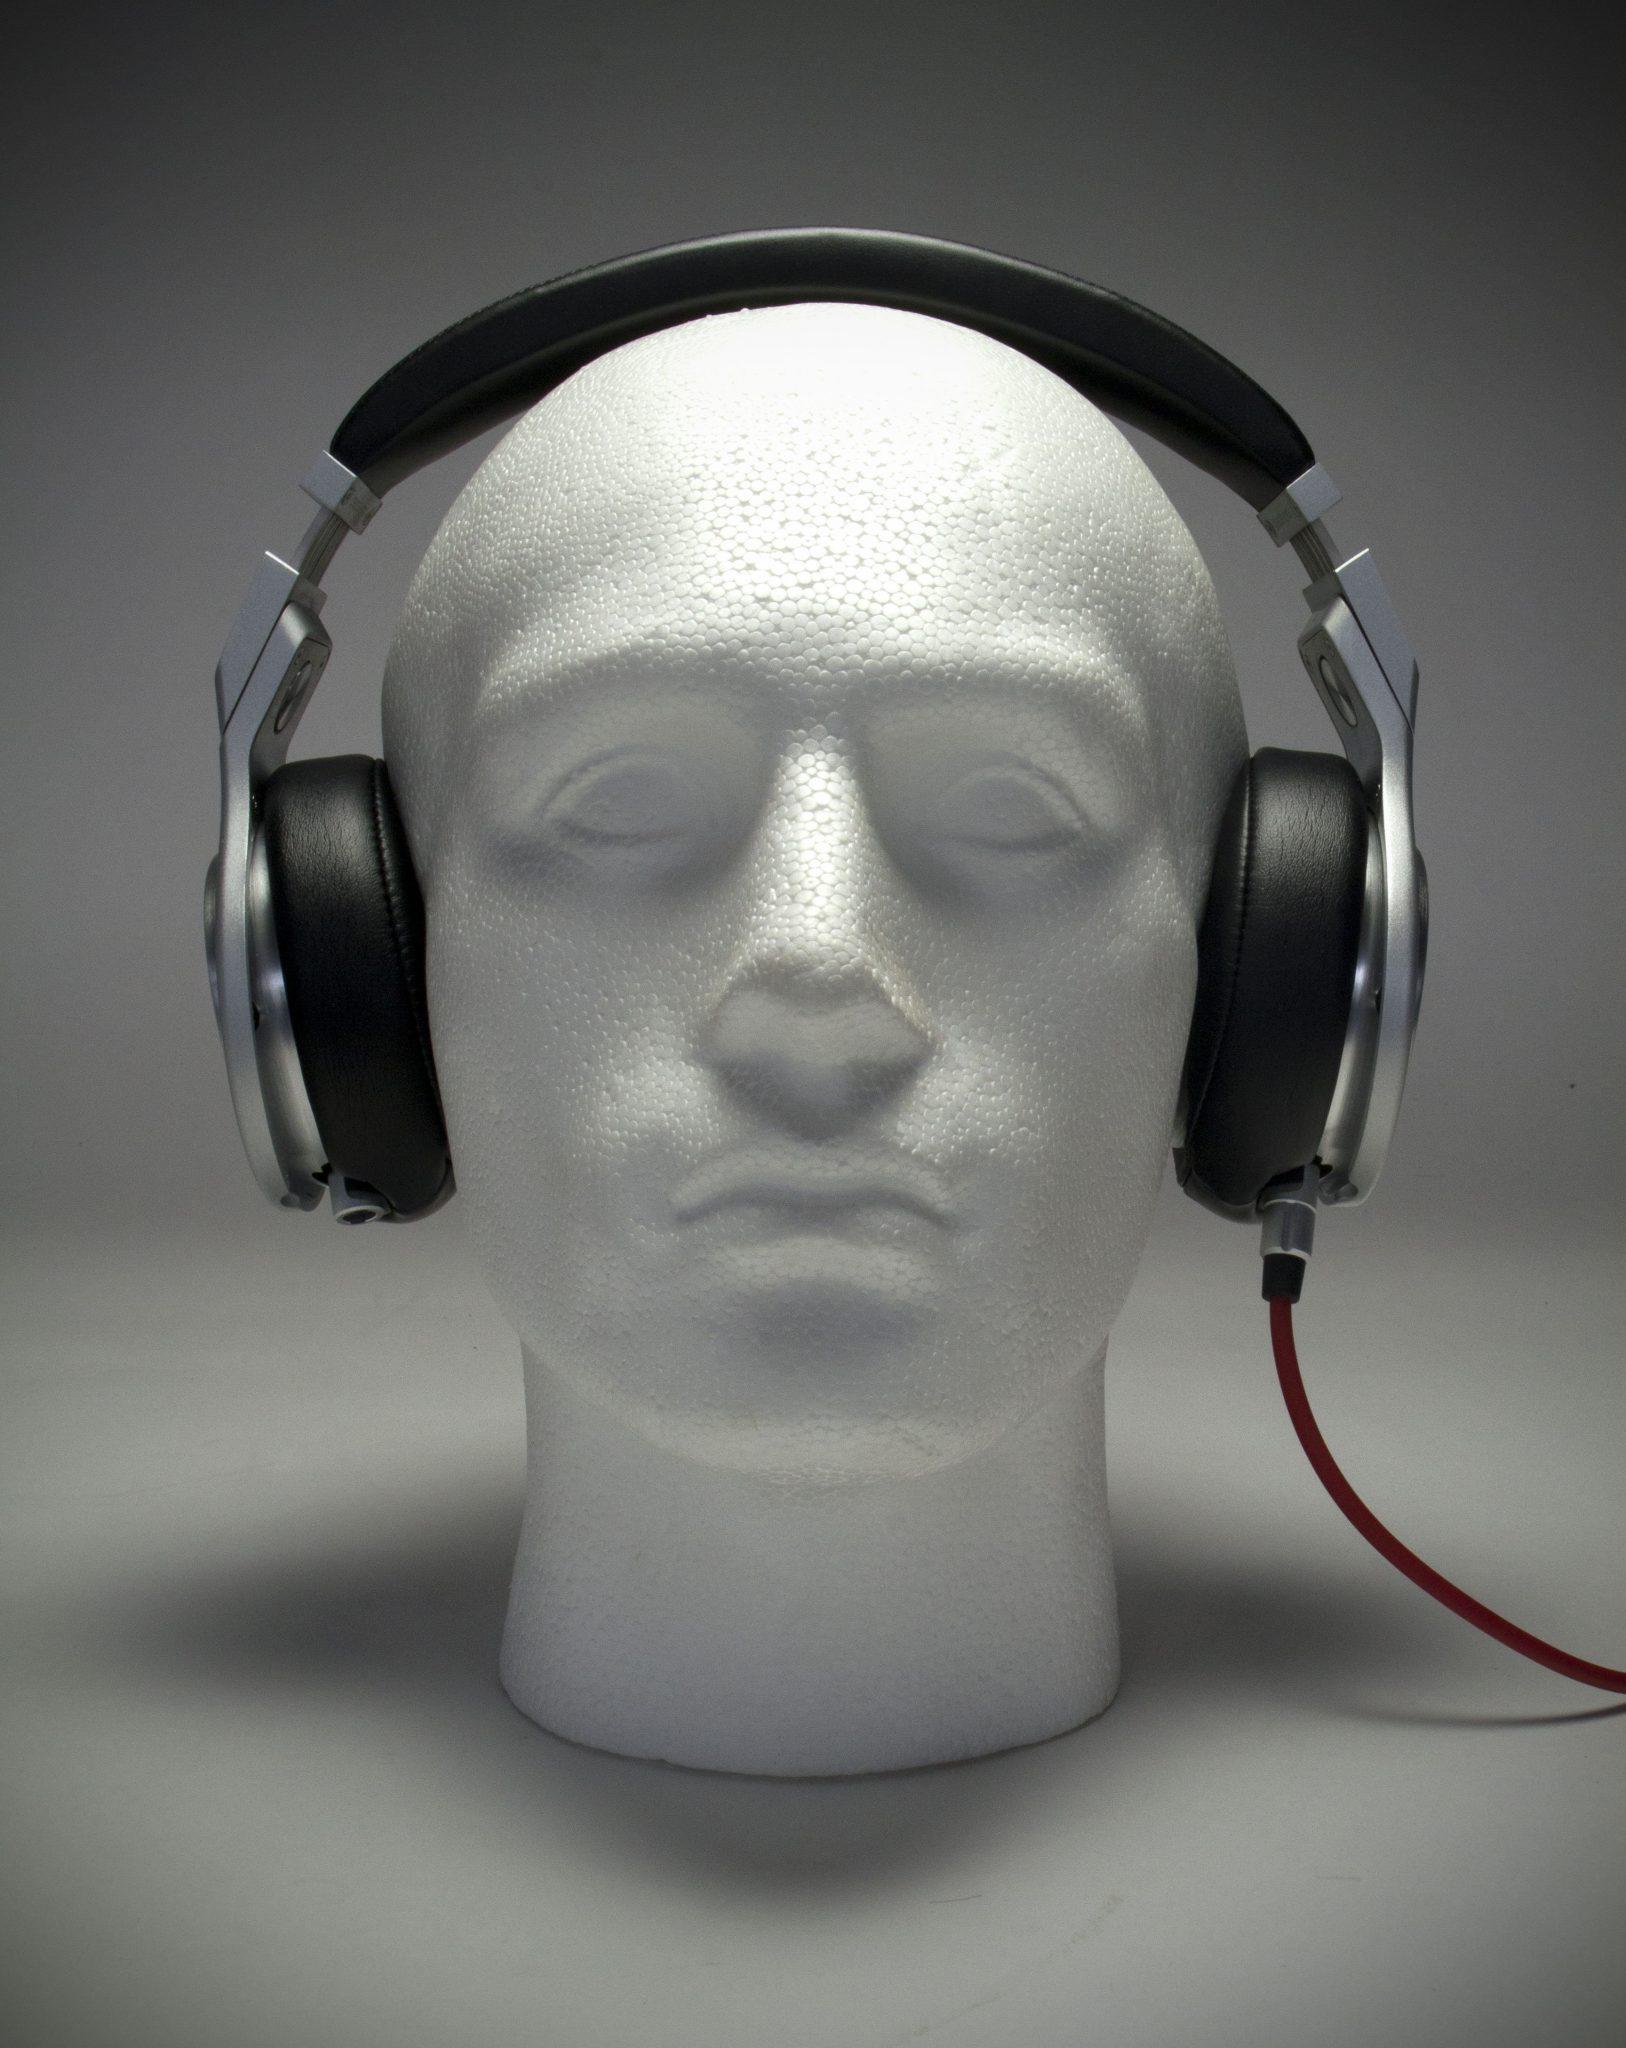 Earphones - Beats by Dre